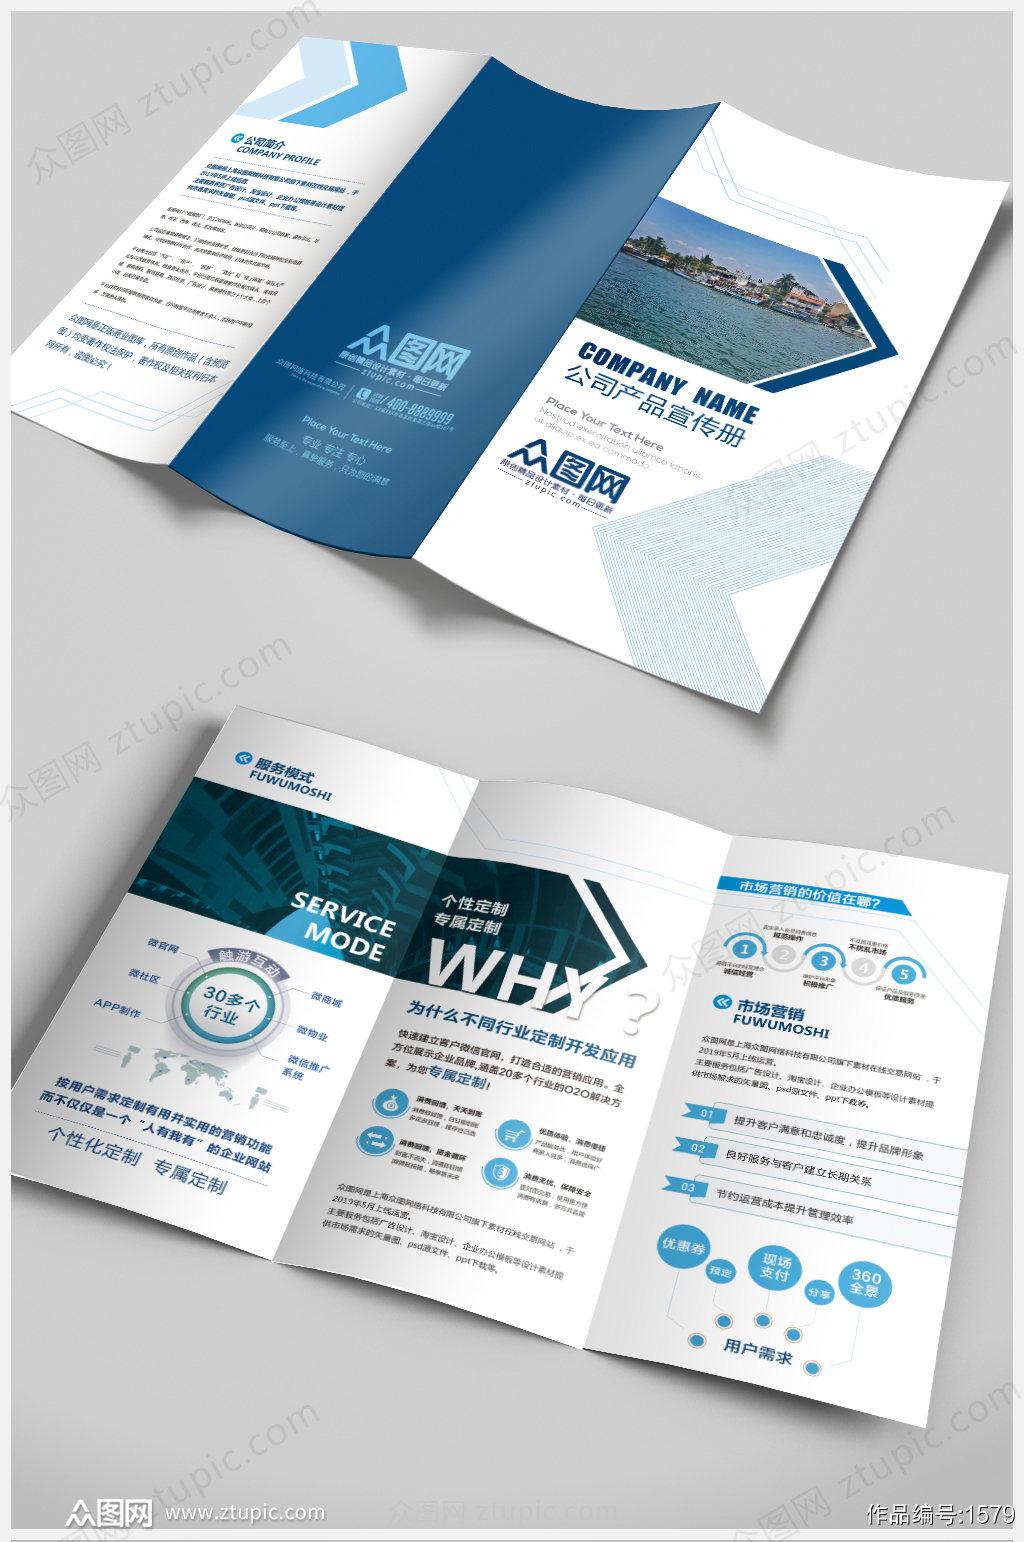 简约时尚大气蓝色工作室公司产品企业三折页素材